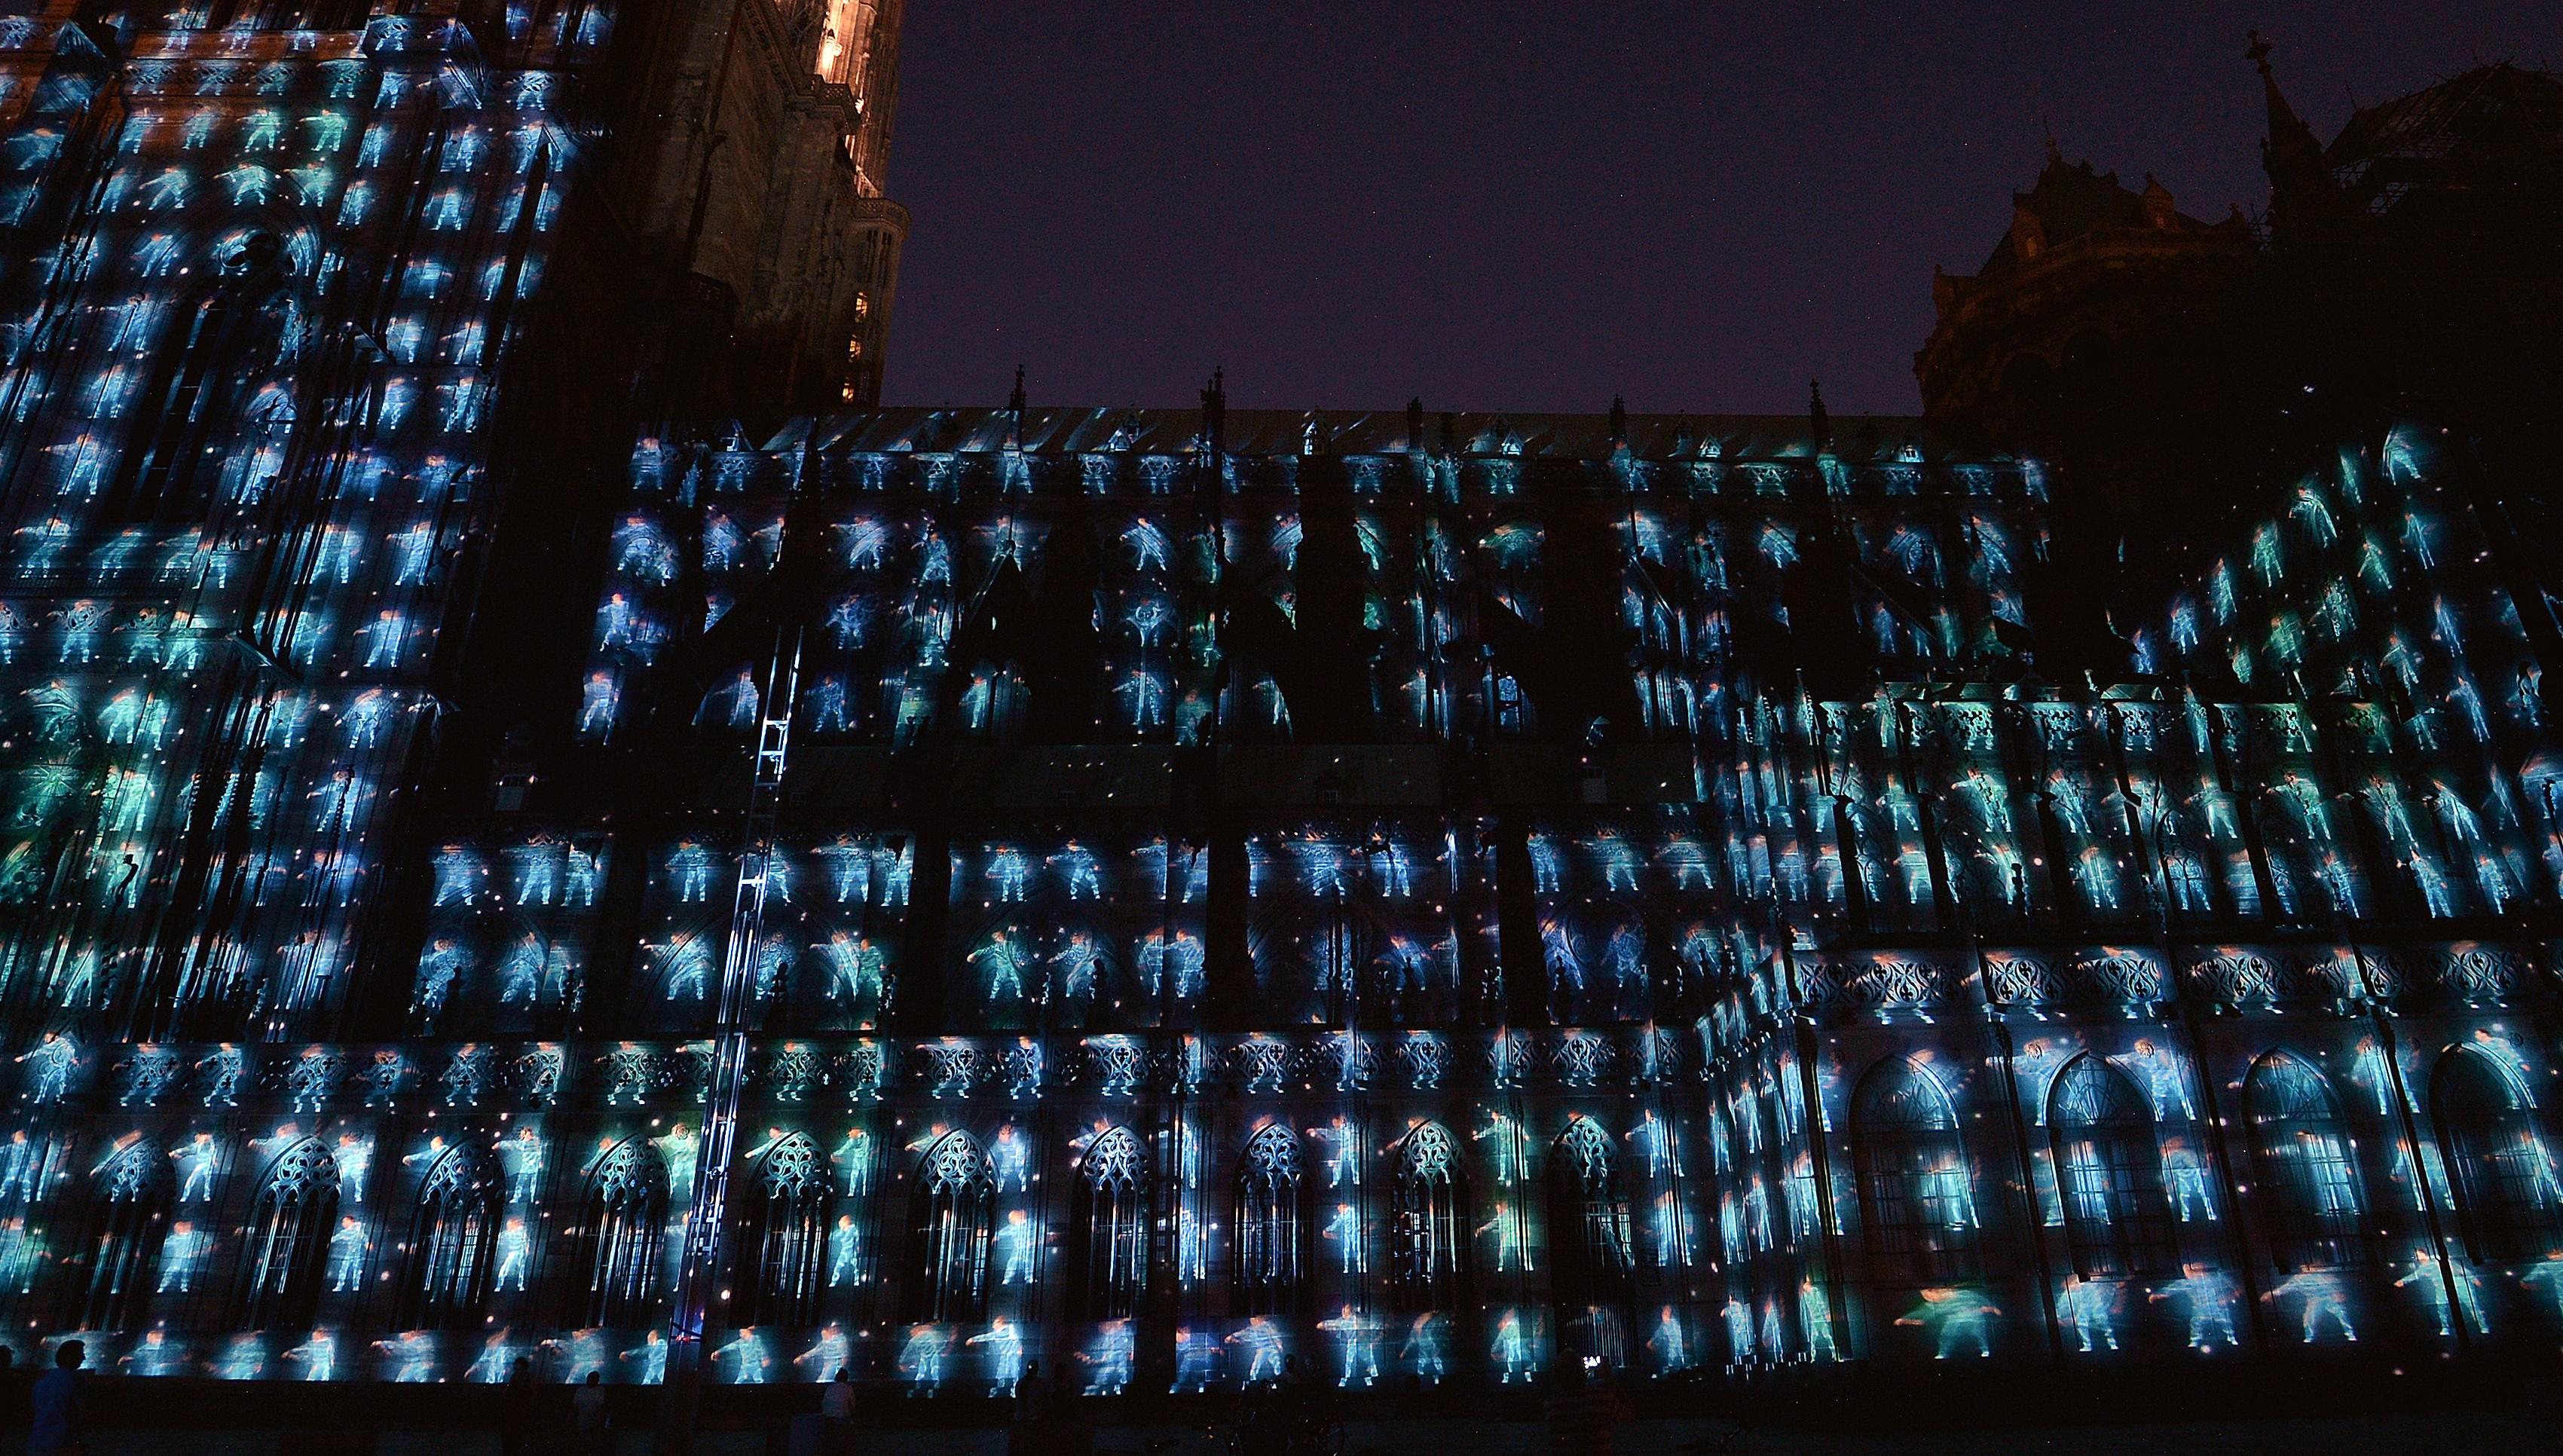 锐视角 2 斯特拉斯堡大教堂灯光秀庆千岁生日 高清图片